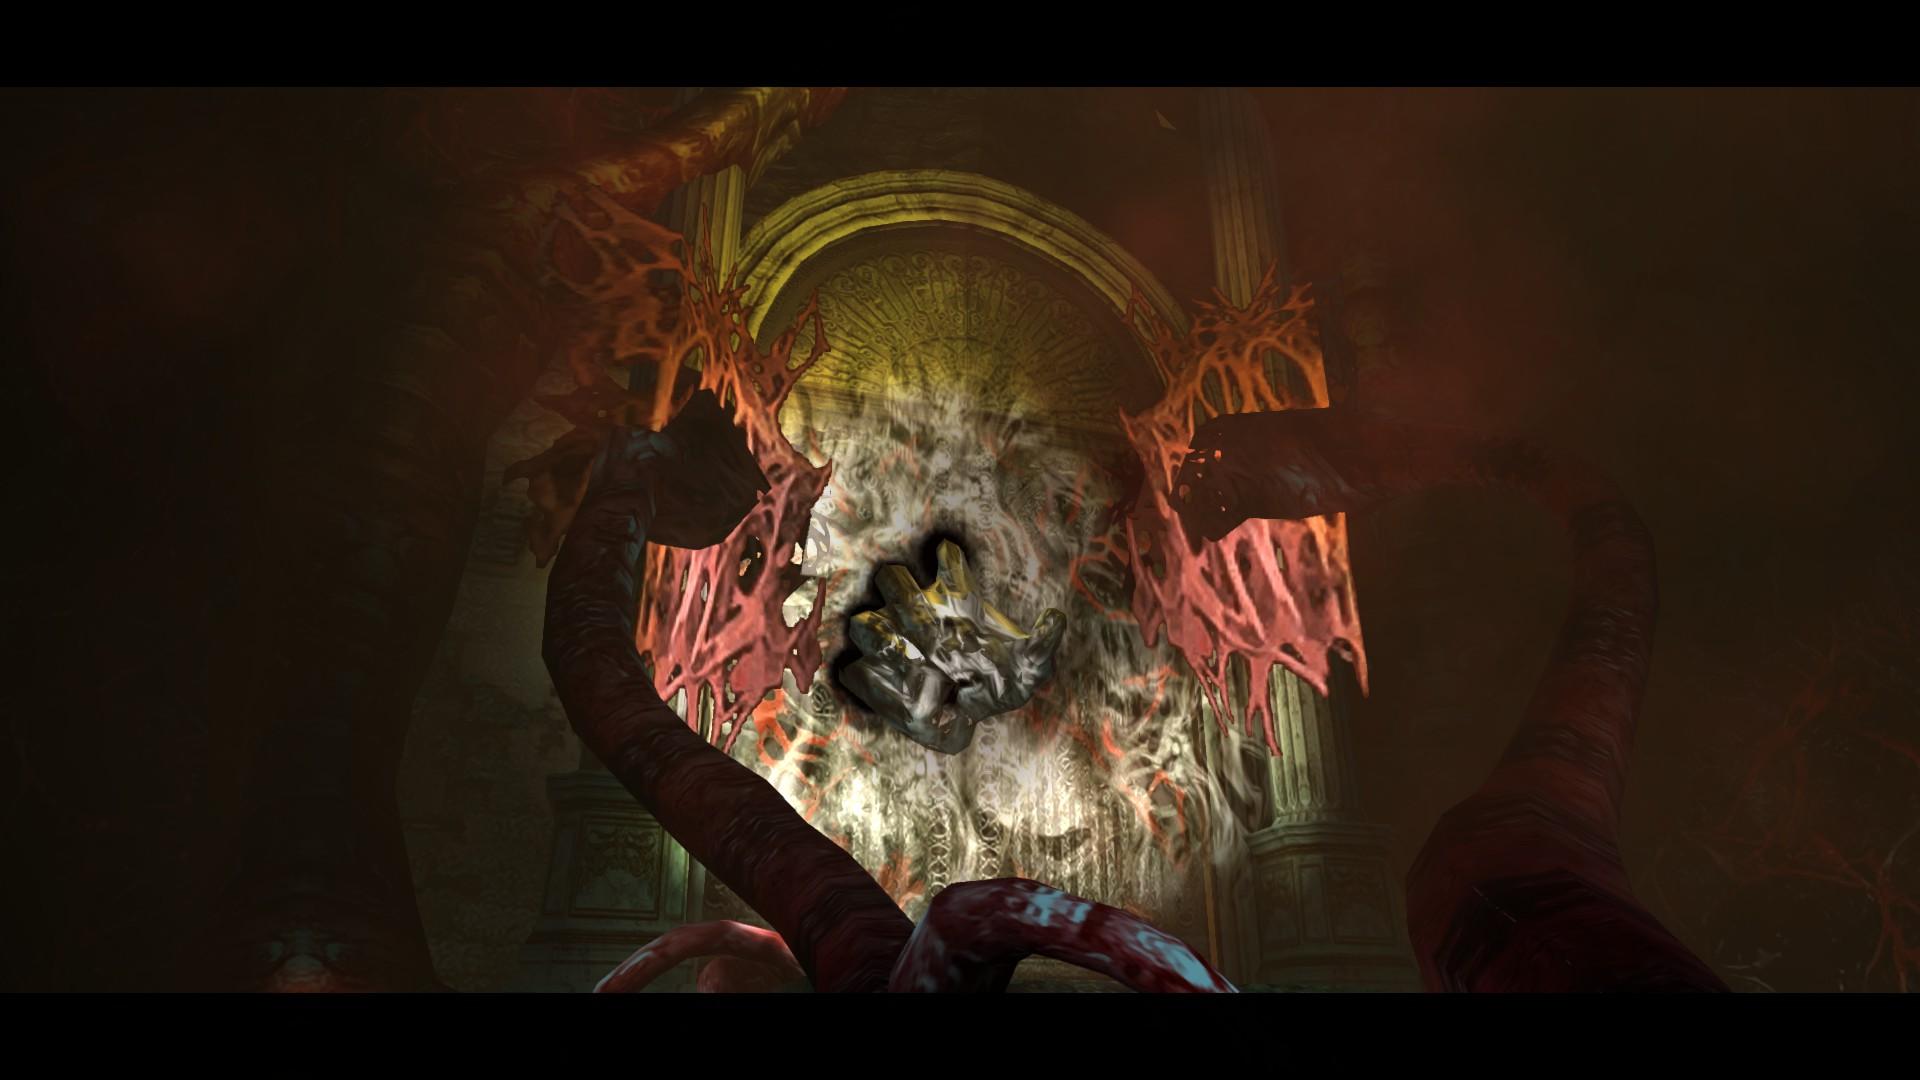 Пост-прохождение Devil May Cry Часть 7. - Изображение 63